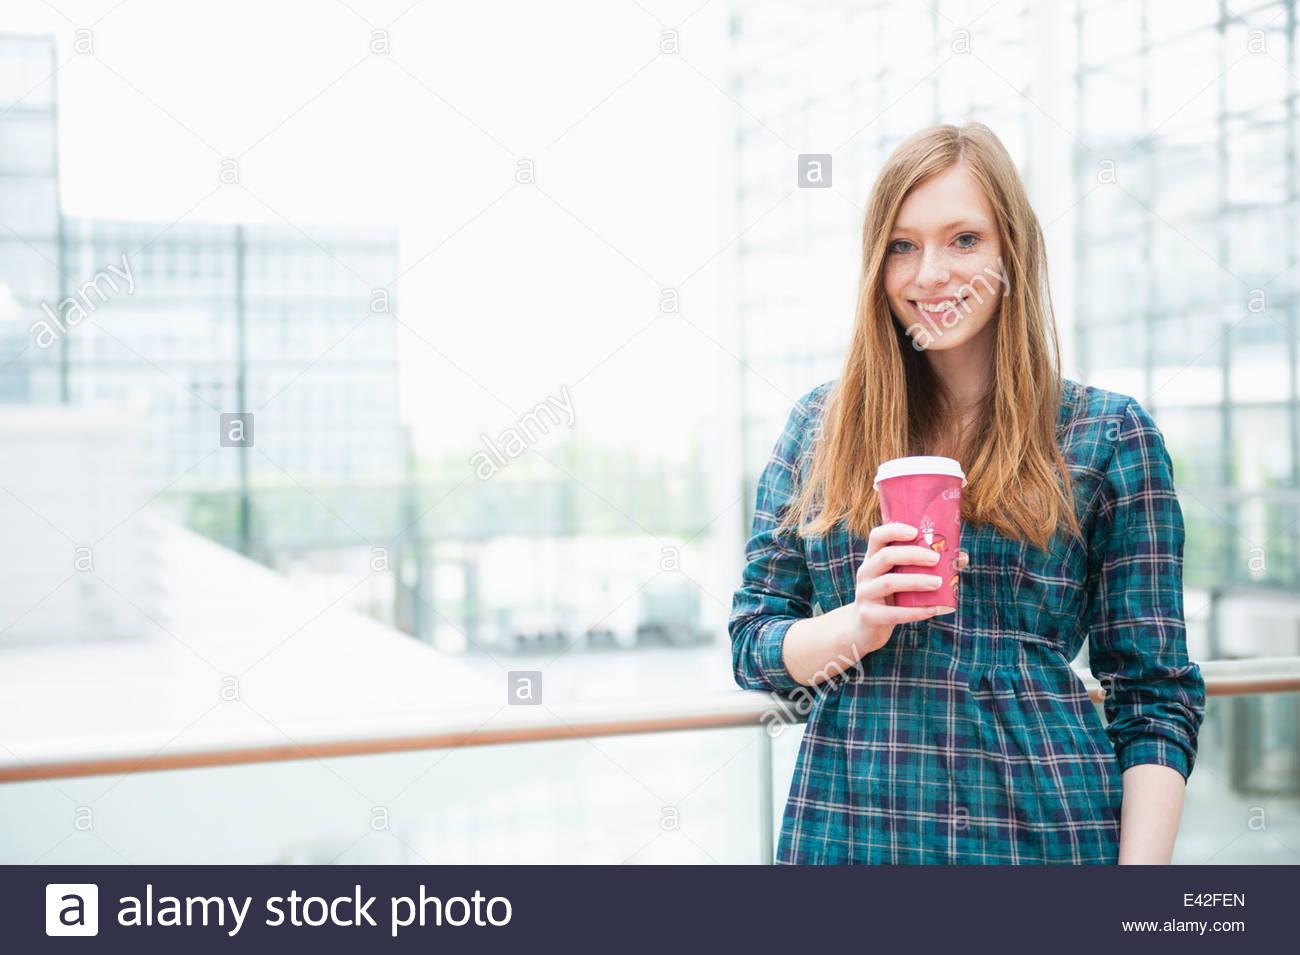 Ritratto di giovane donna in città con caffè da asporto Immagini Stock